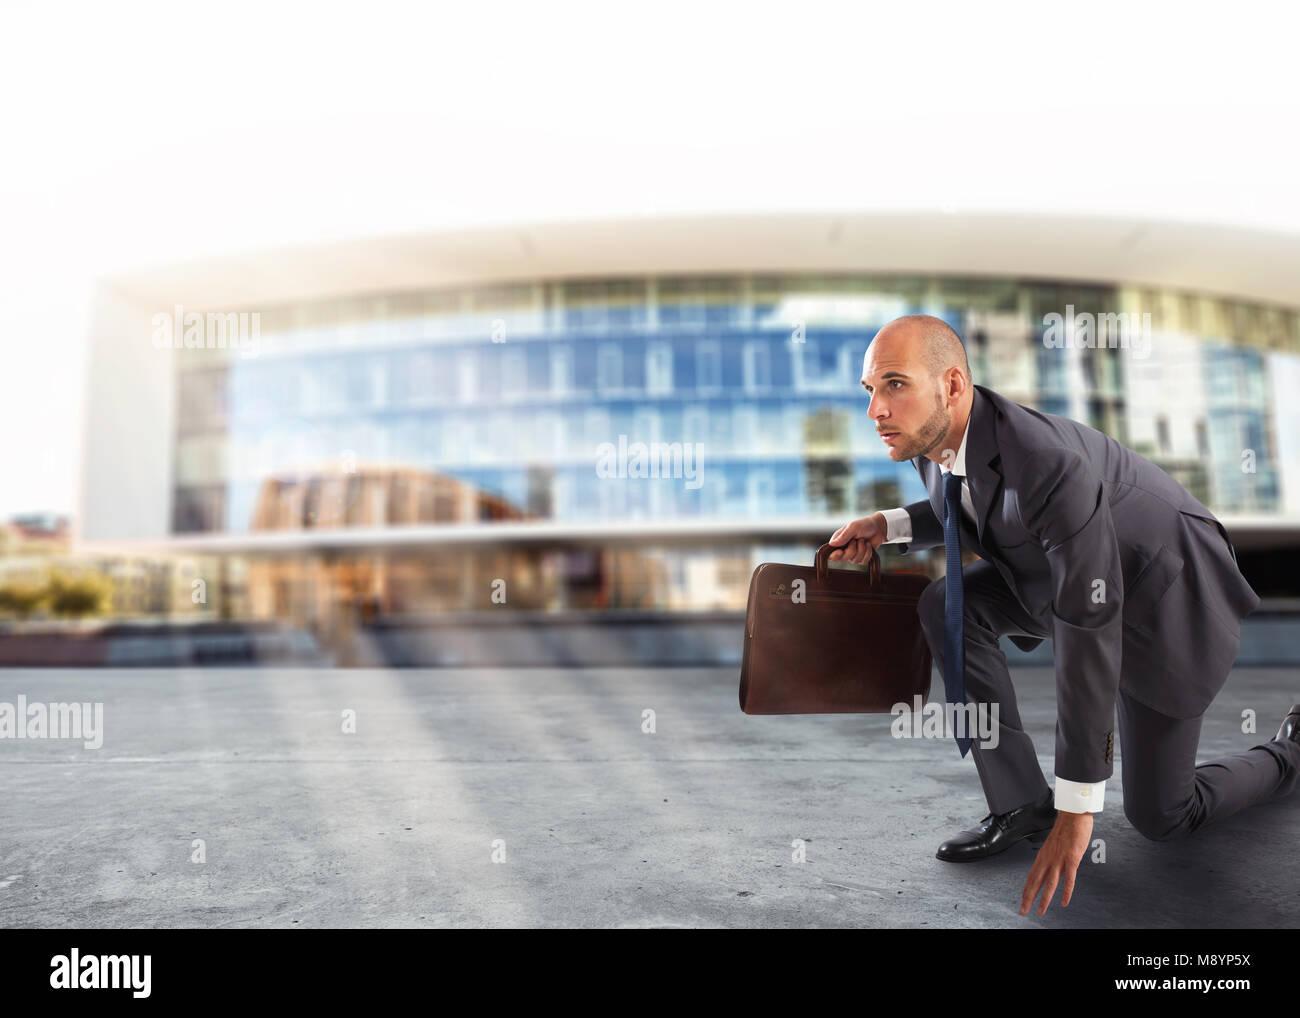 El empresario listo para empezar. La competencia y el reto en concepto de negocio Imagen De Stock